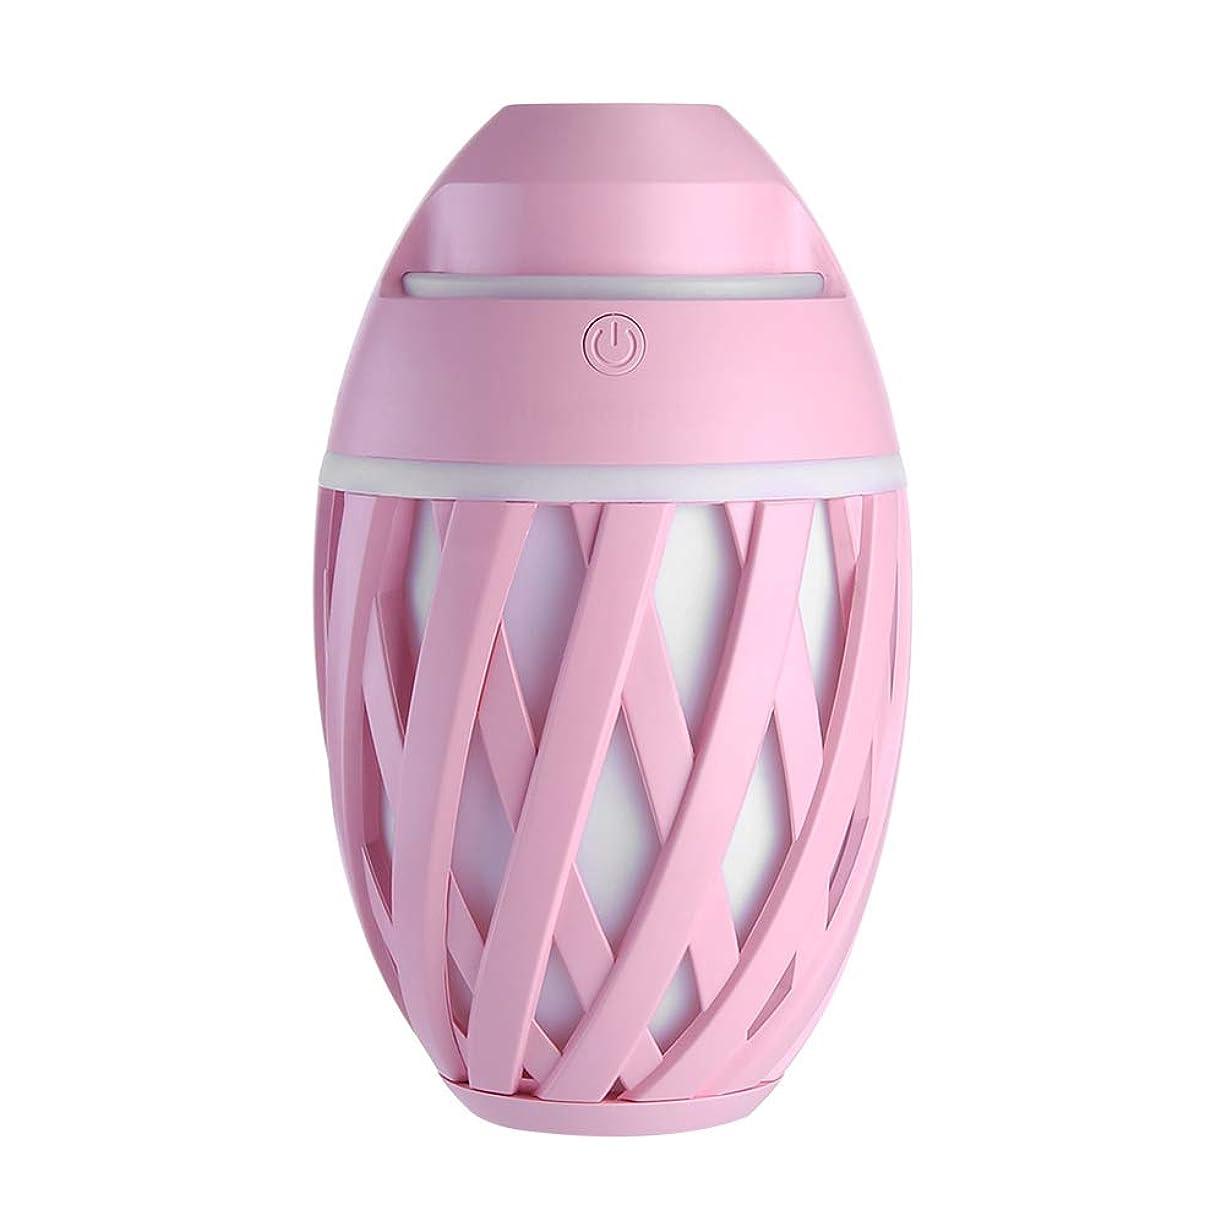 すごいルーフオピエート加湿器ミニUsbホーム静かなエアコンルームオフィス妊娠中の女性の赤ちゃん空気保湿清浄器,Pink